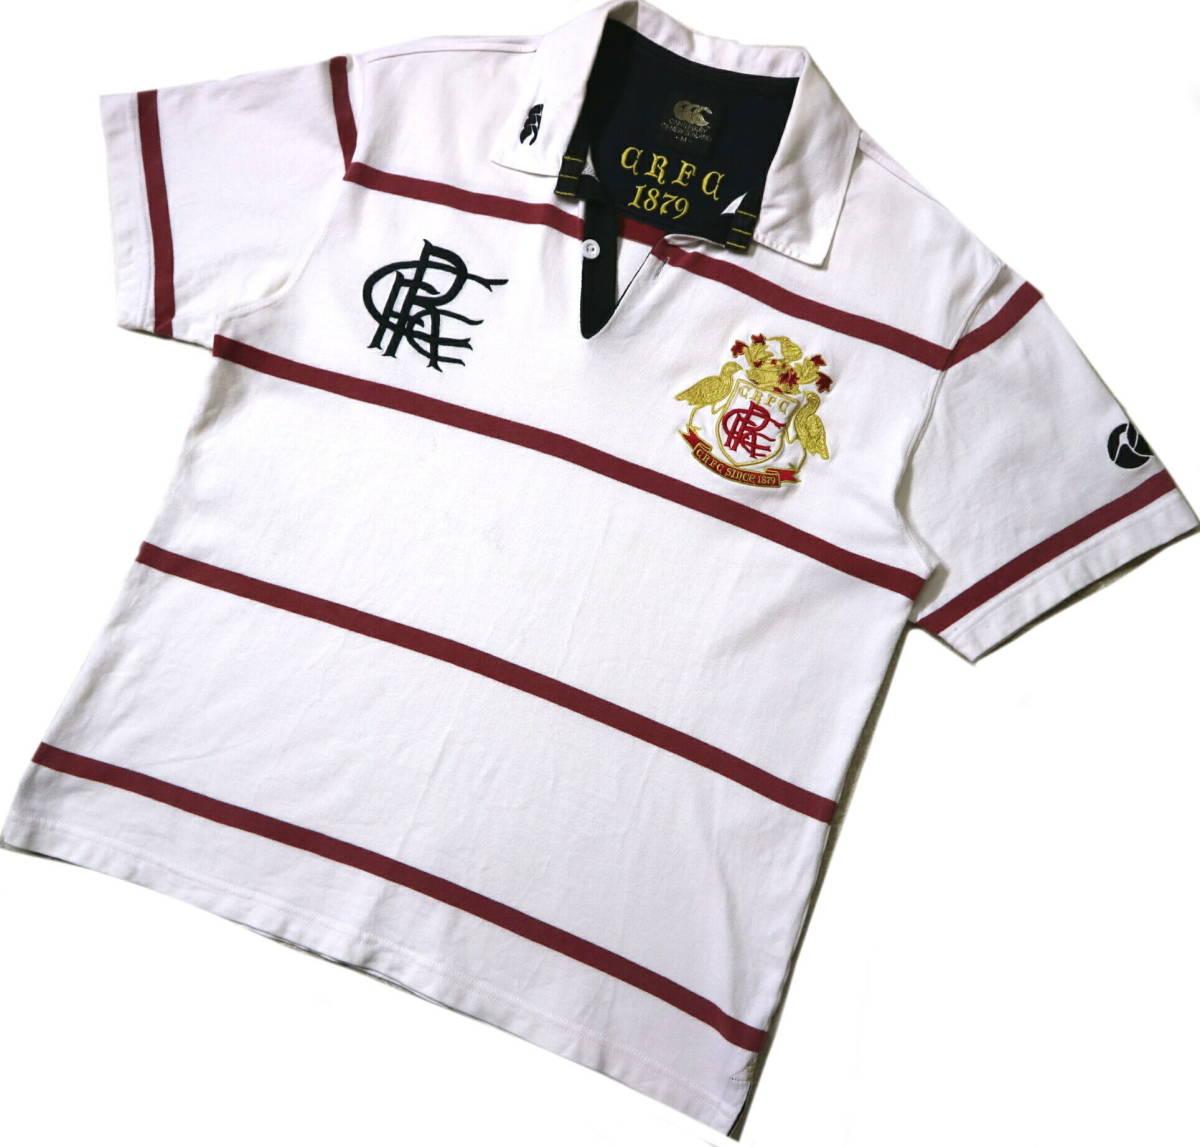 訳あり(薄汚れ)/良好!◆カンタベリー 刺繍ロゴ 綿100地 ラガーシャツ◆Mサイズ